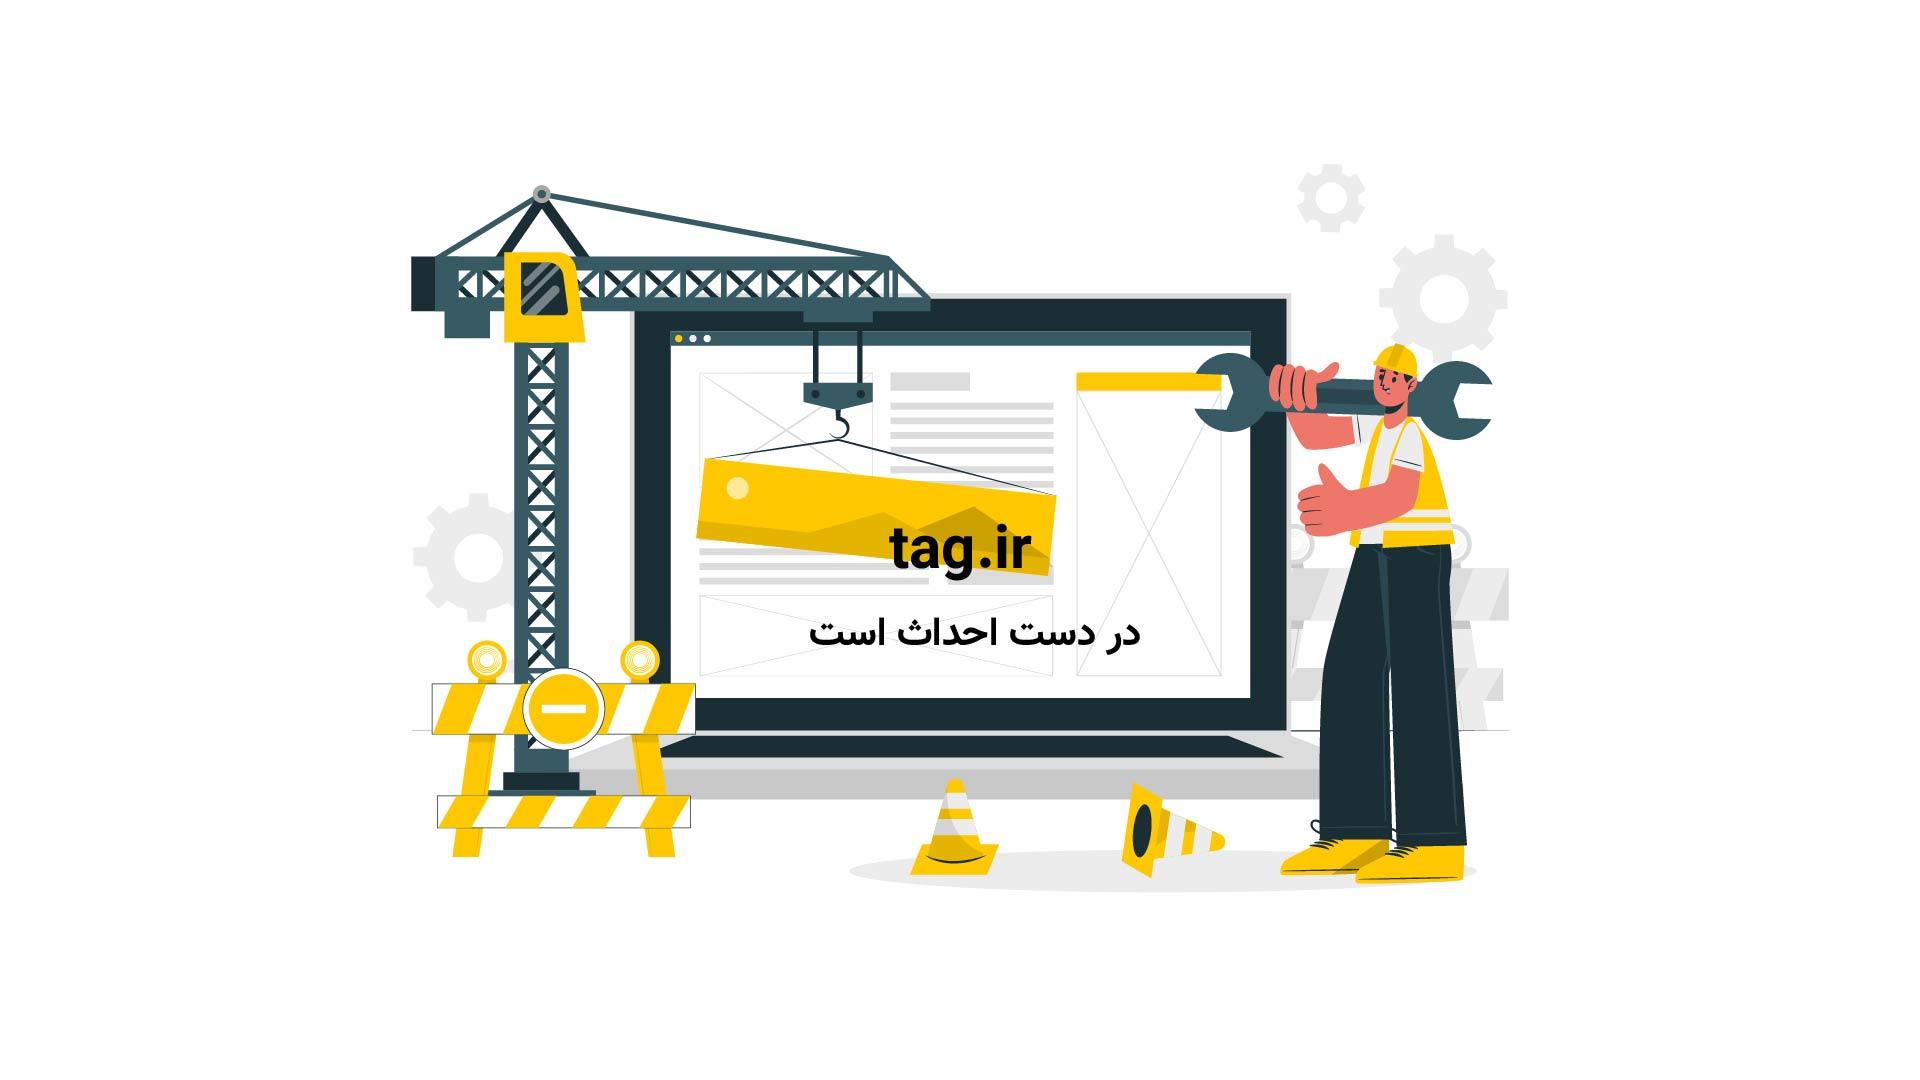 تصویر/ ملکه اردن در میان پناهجویان